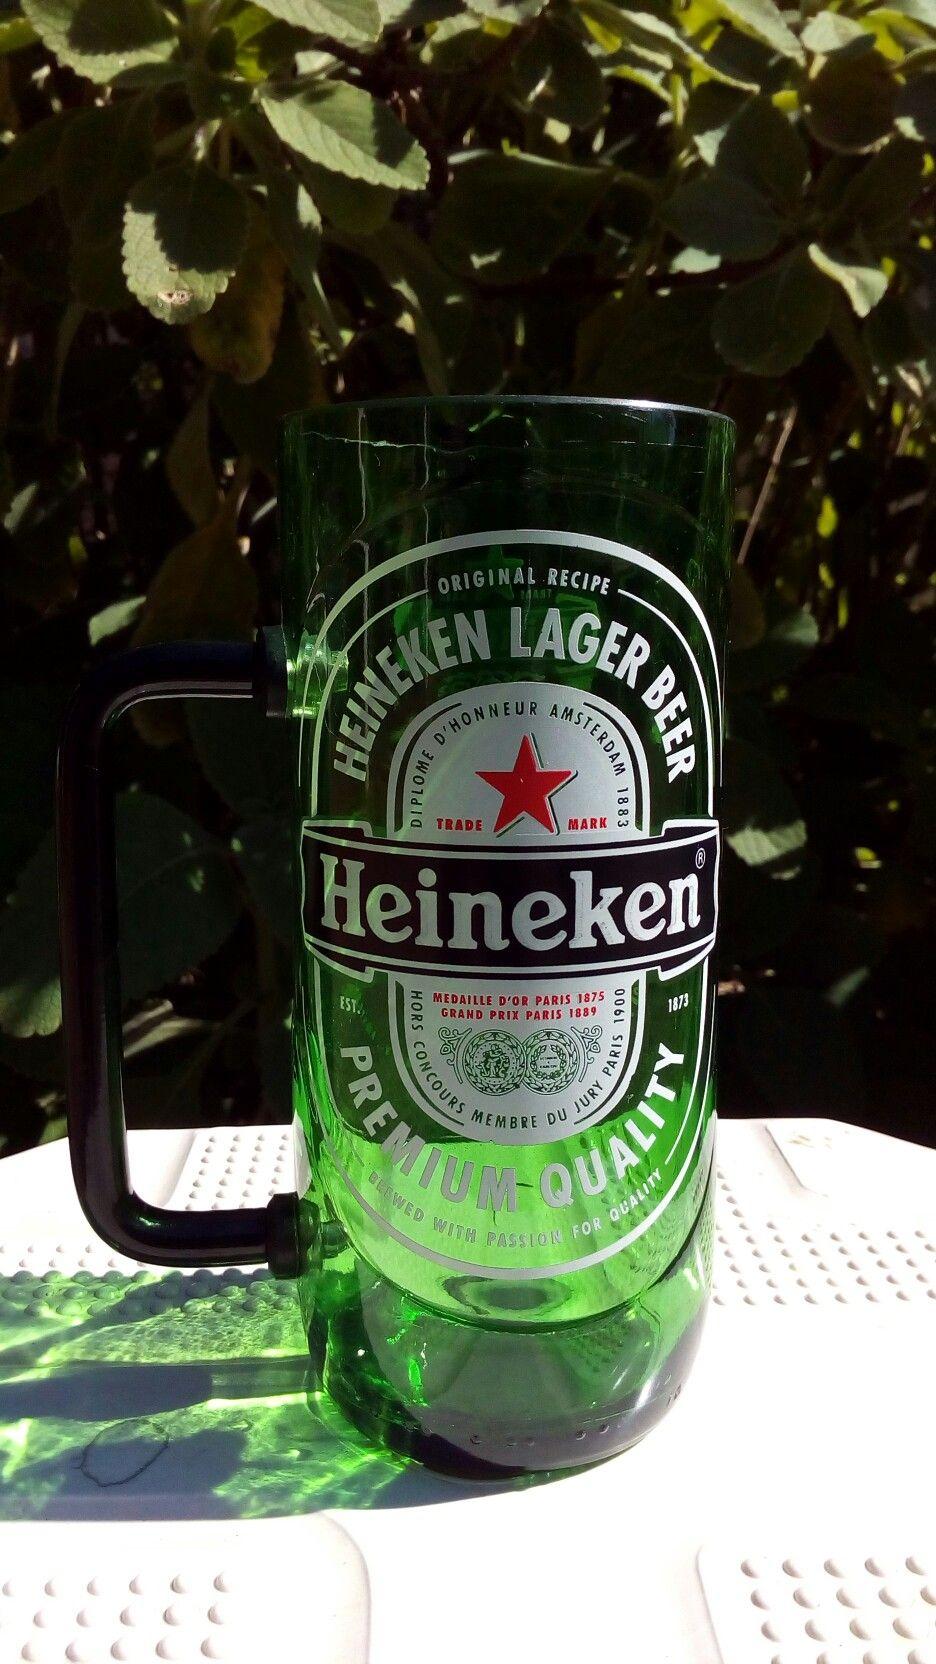 Caneca de garrafa de 600 ml. #Heineken #fundosdegarrafa